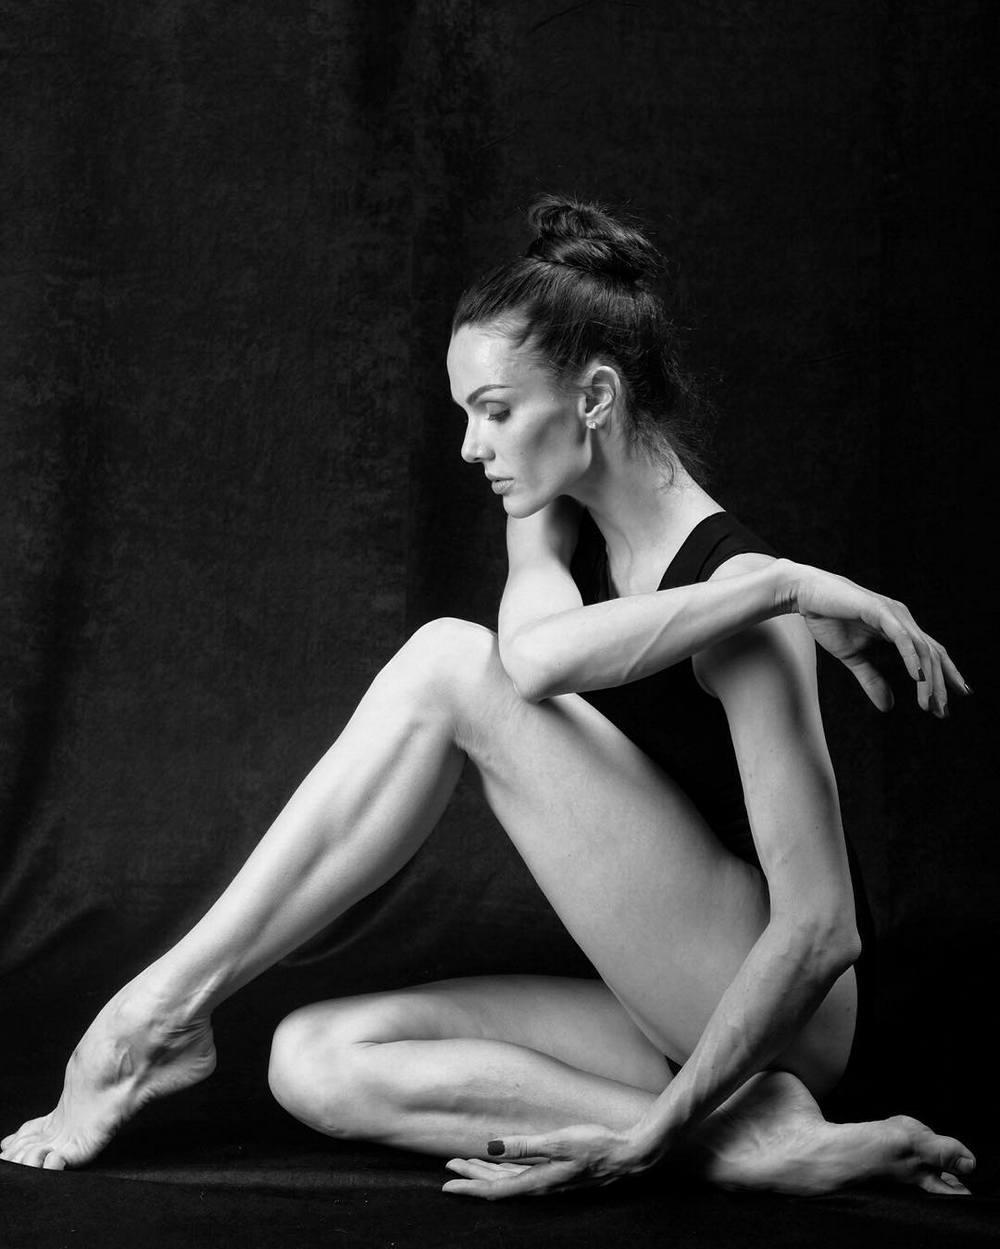 darian-volkova-balet_27